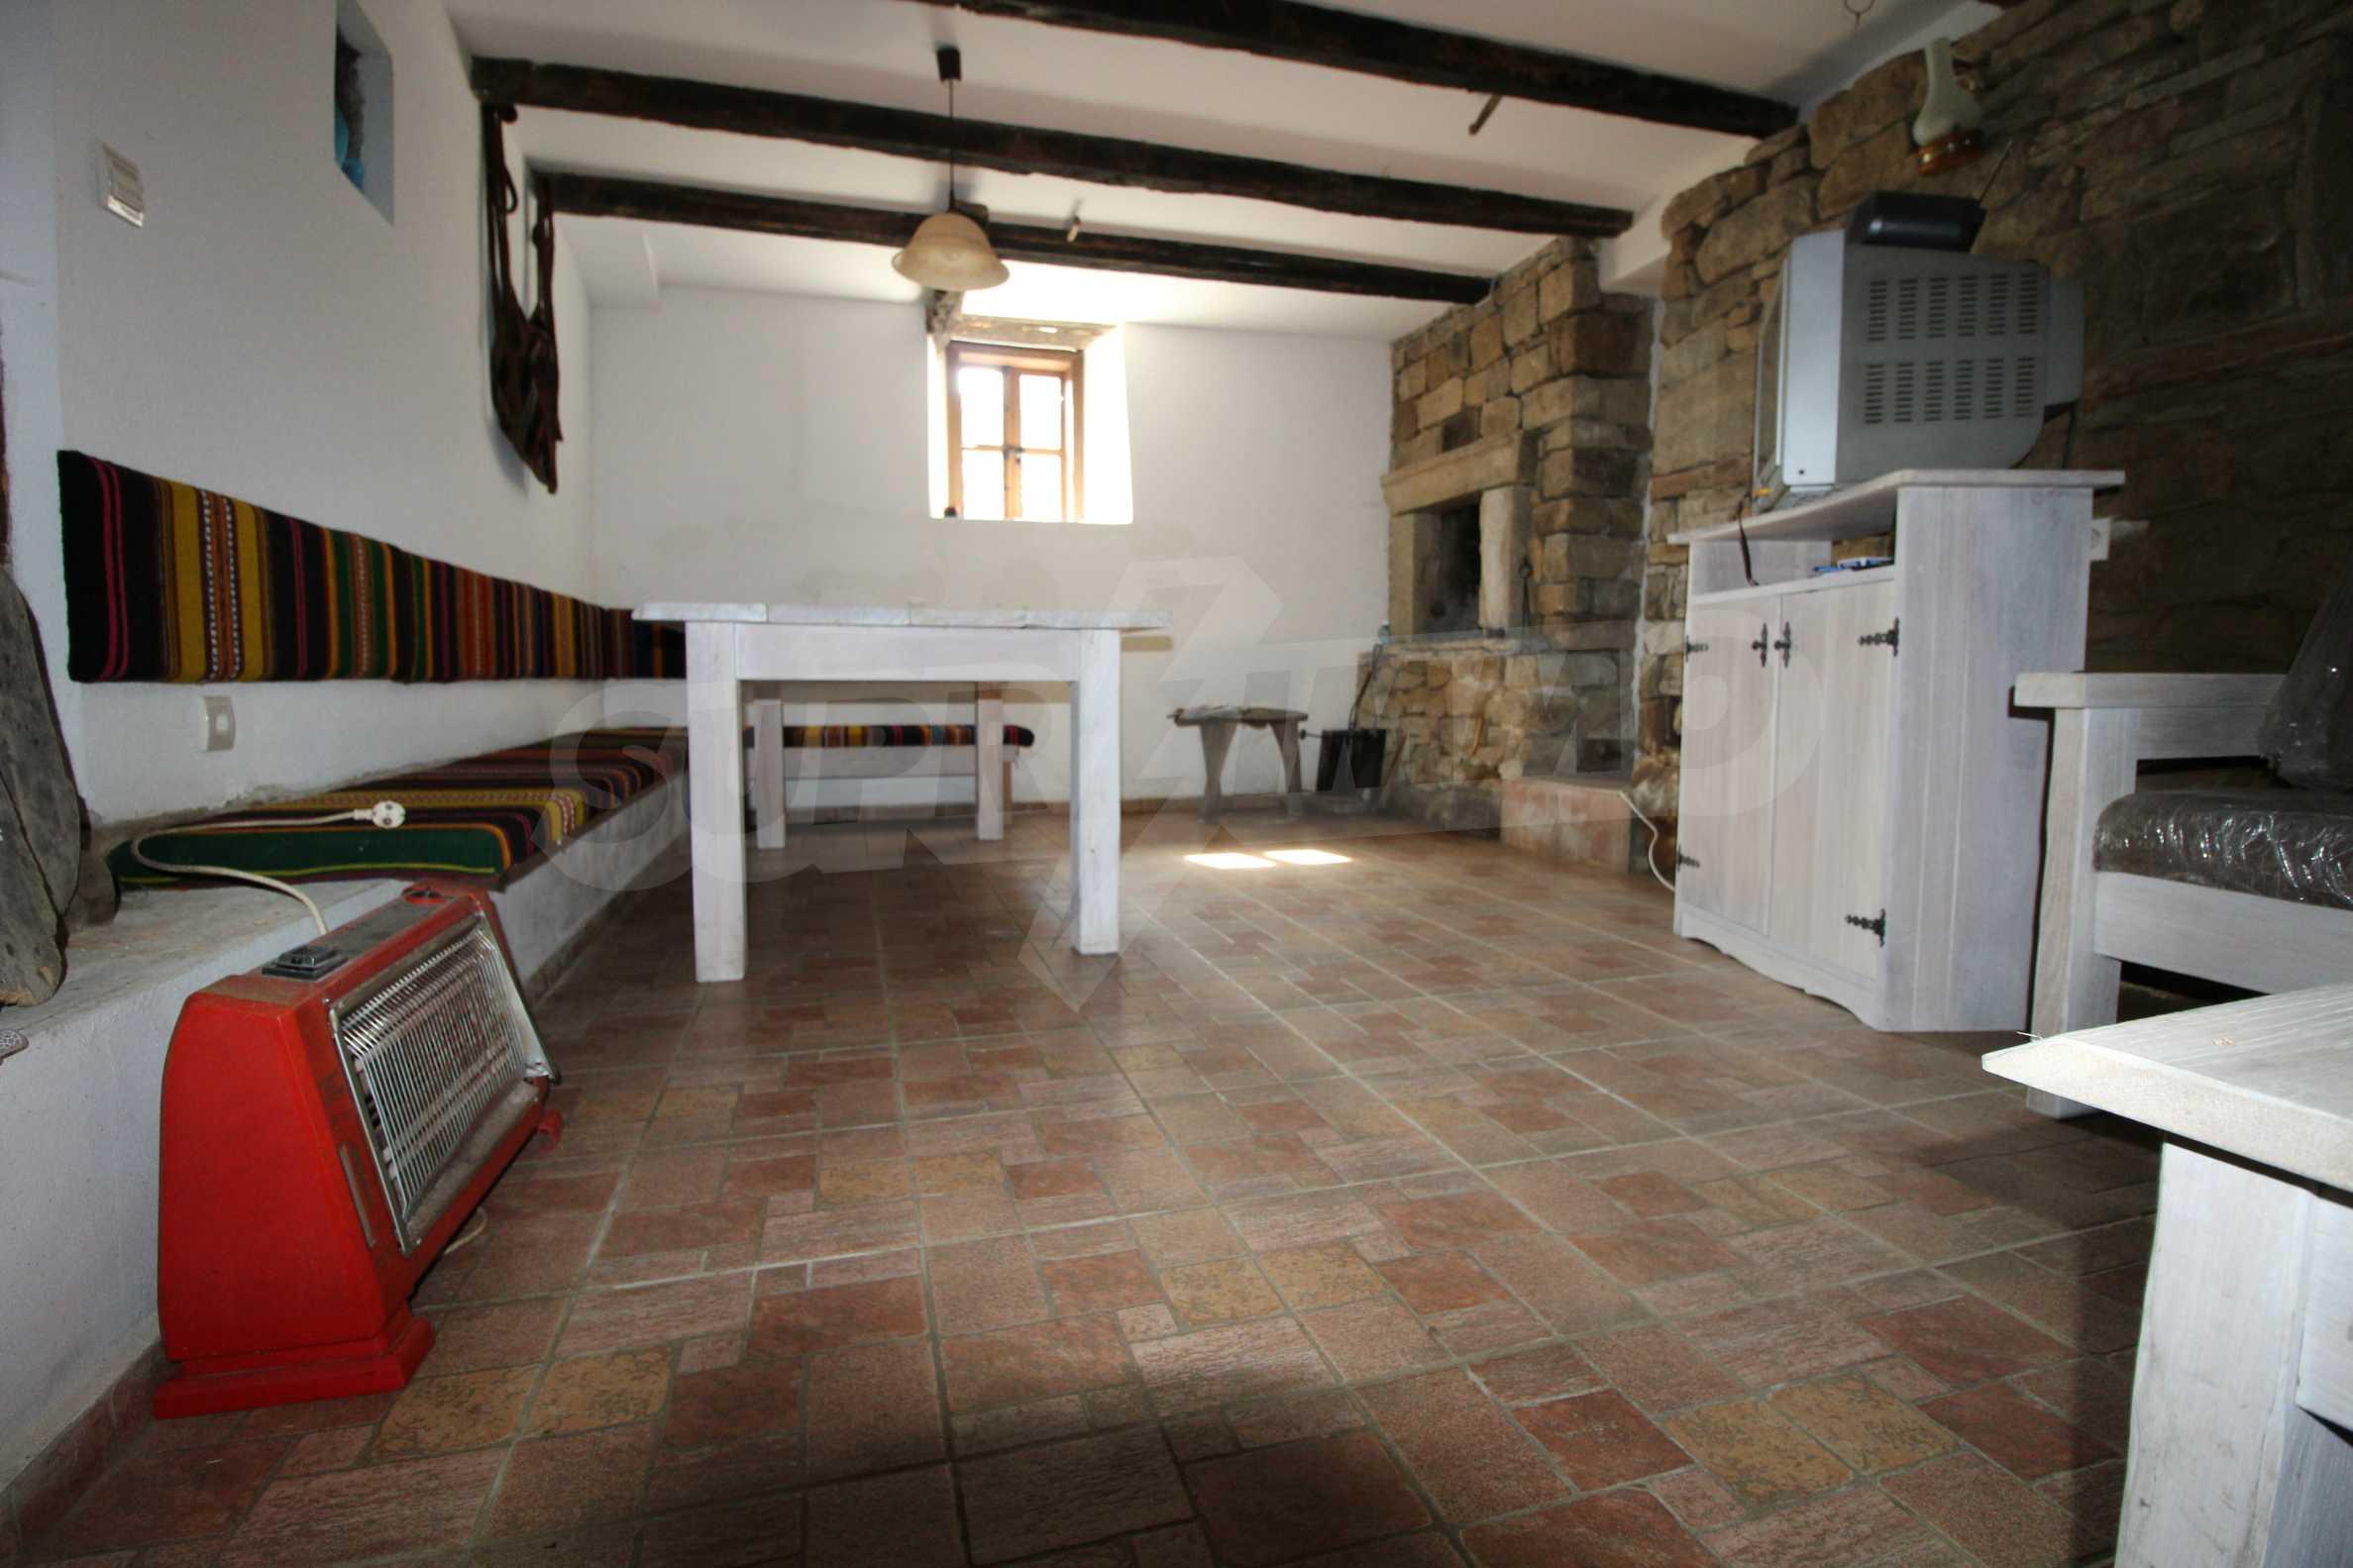 Реновирана Възрожденска къща с двор само на 9 км от град Елена  37